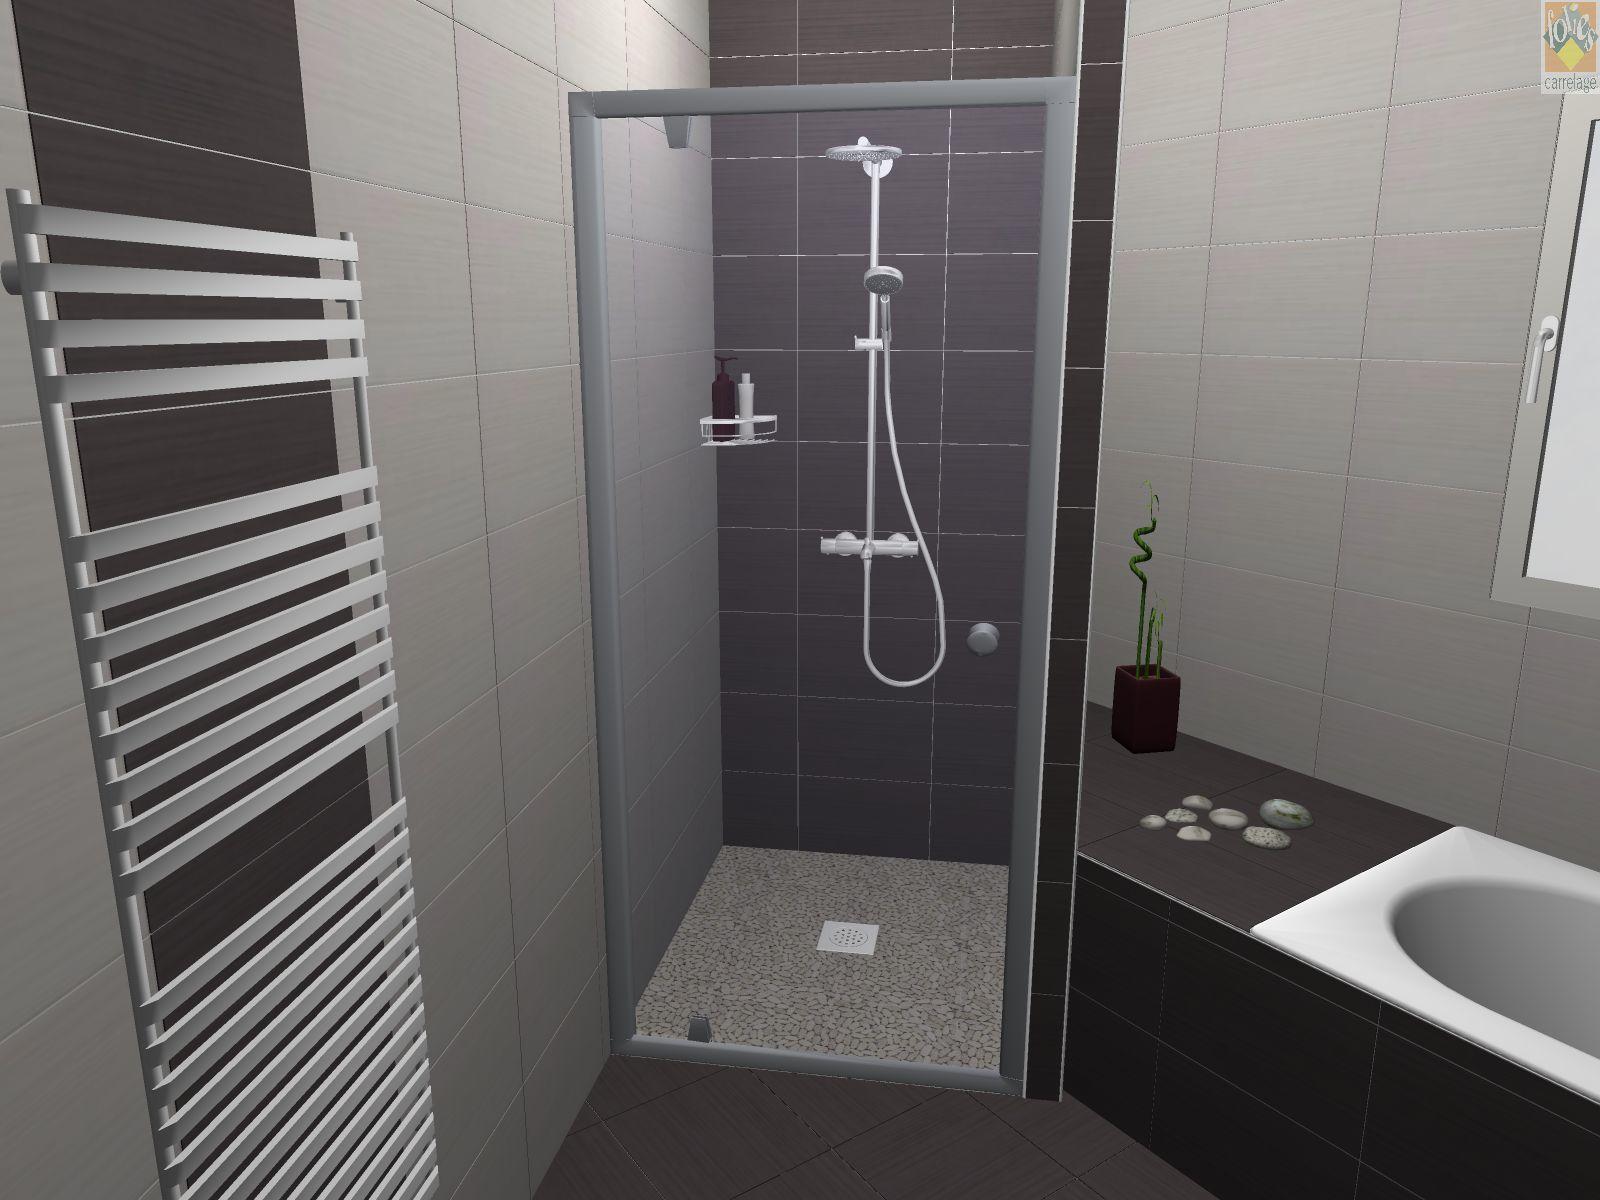 Plan 3d de notre salle de bain par folies carrelage for Carrelage salle de bain 3d